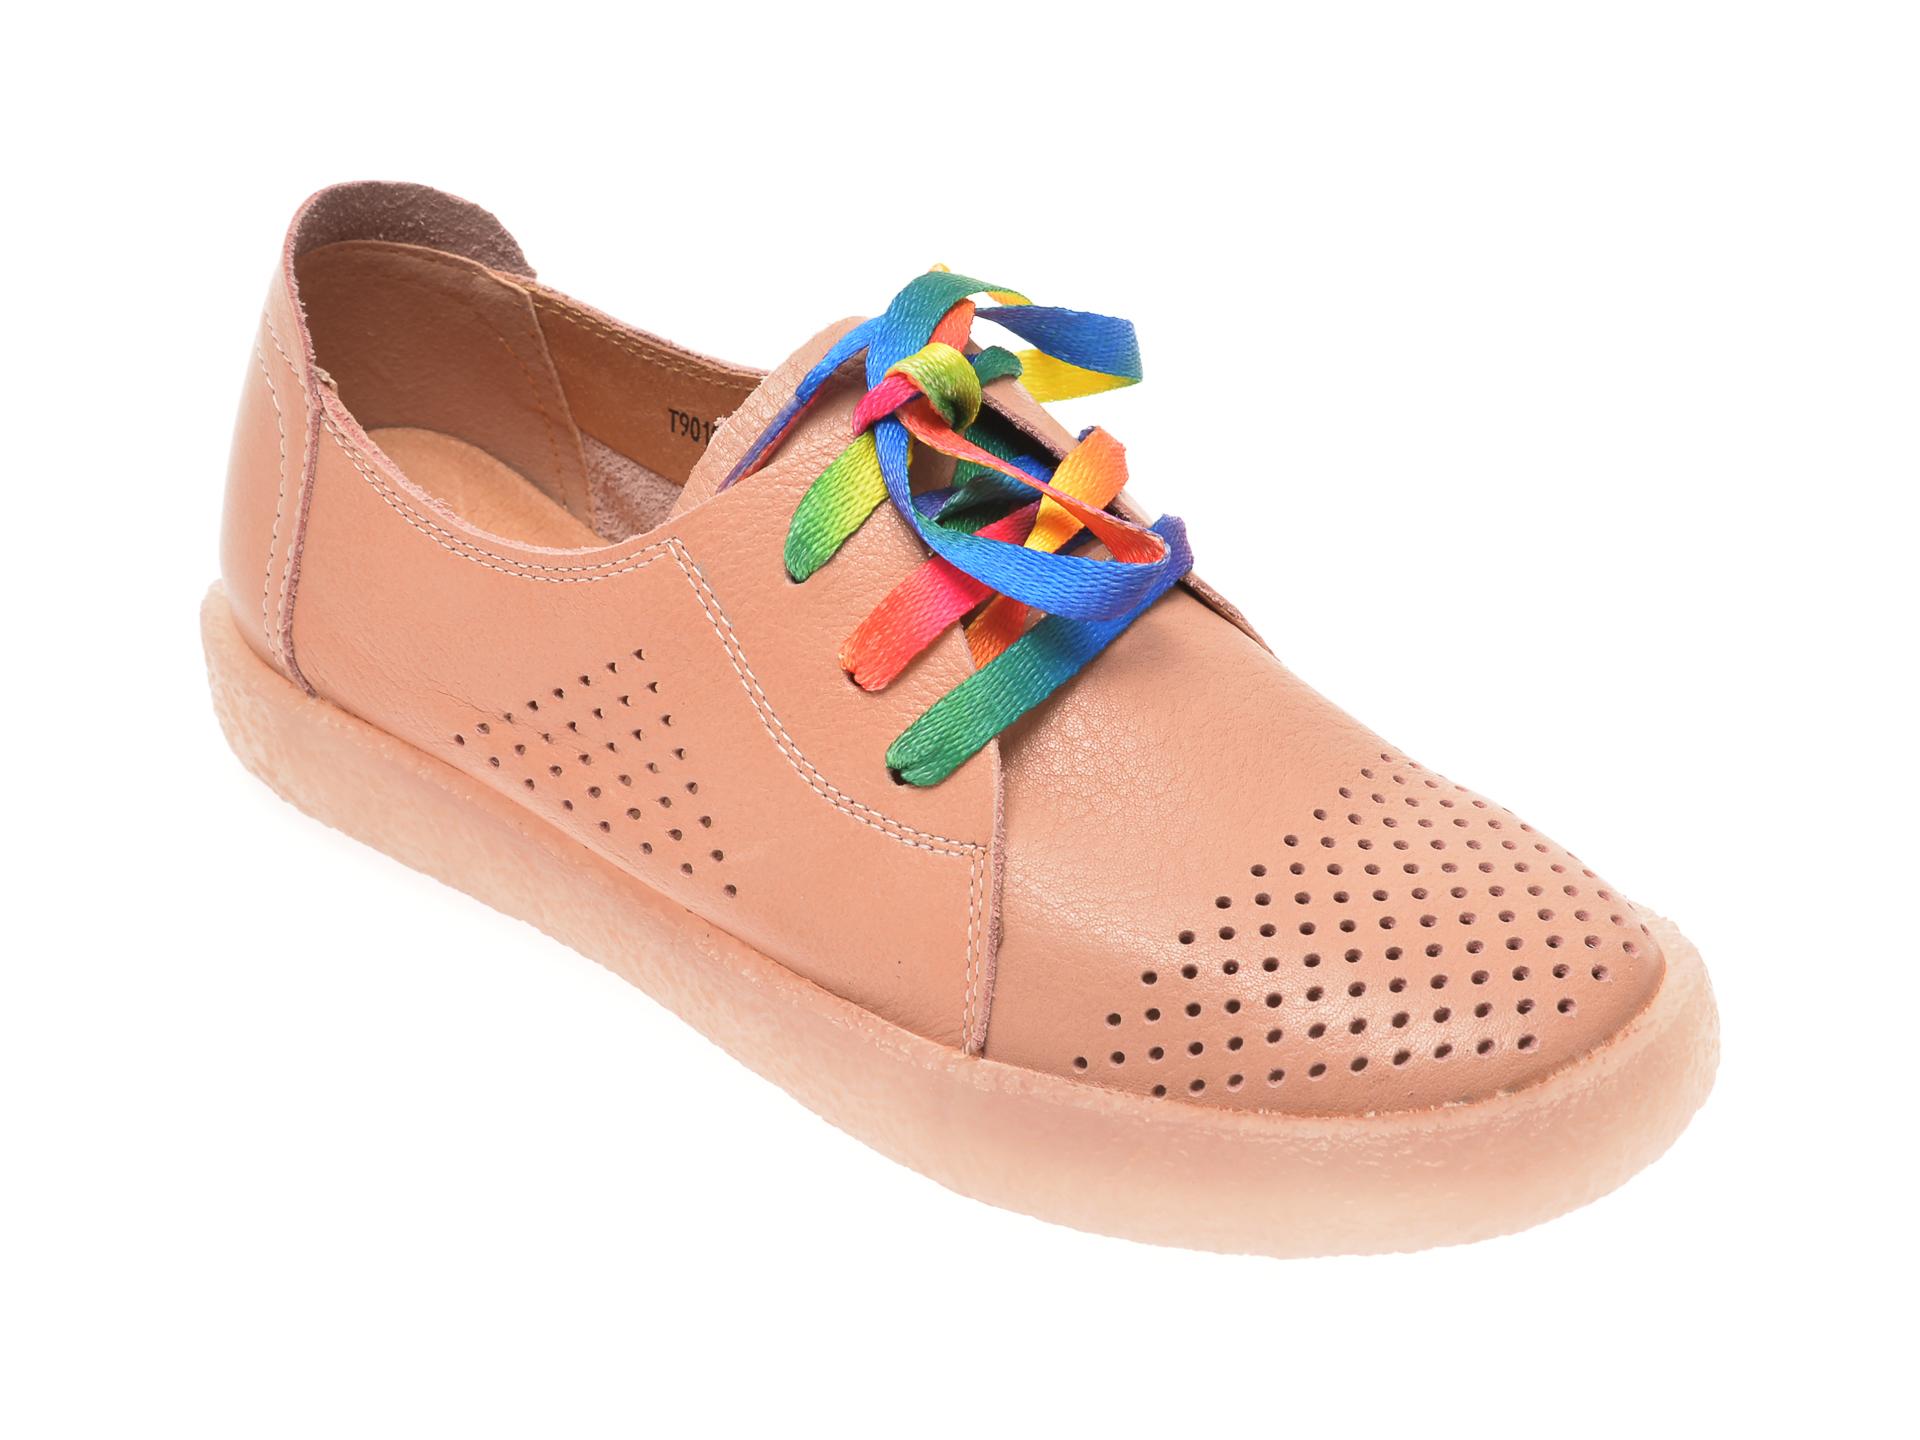 Pantofi PASS COLLECTION nude, T9019, din piele naturala New